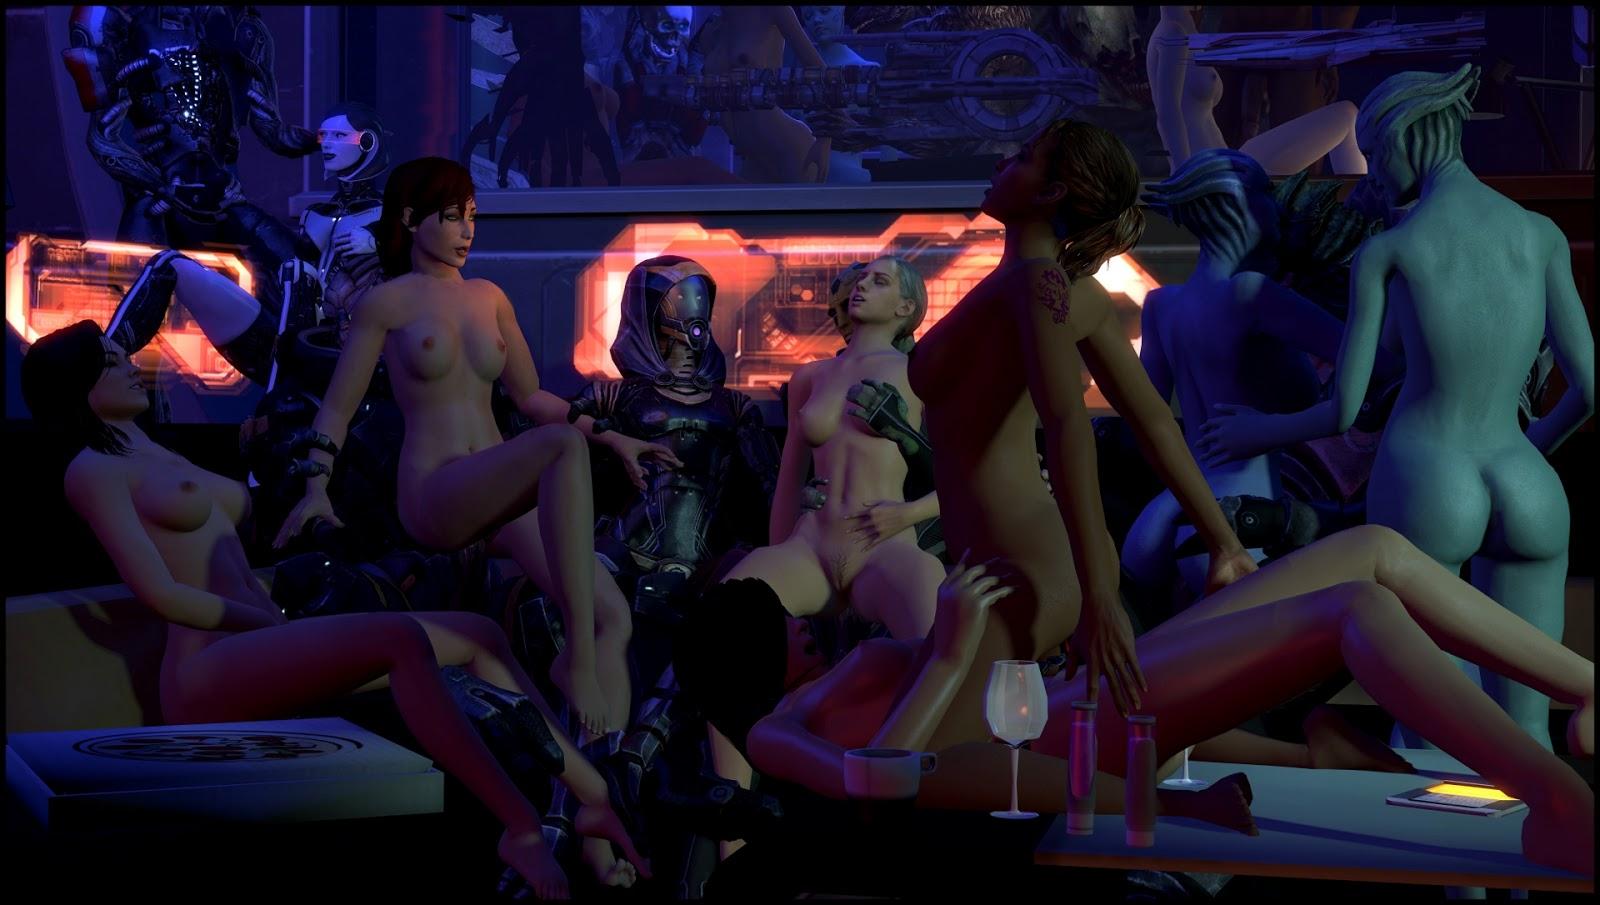 Tauren and blood elf porn nudes gallery